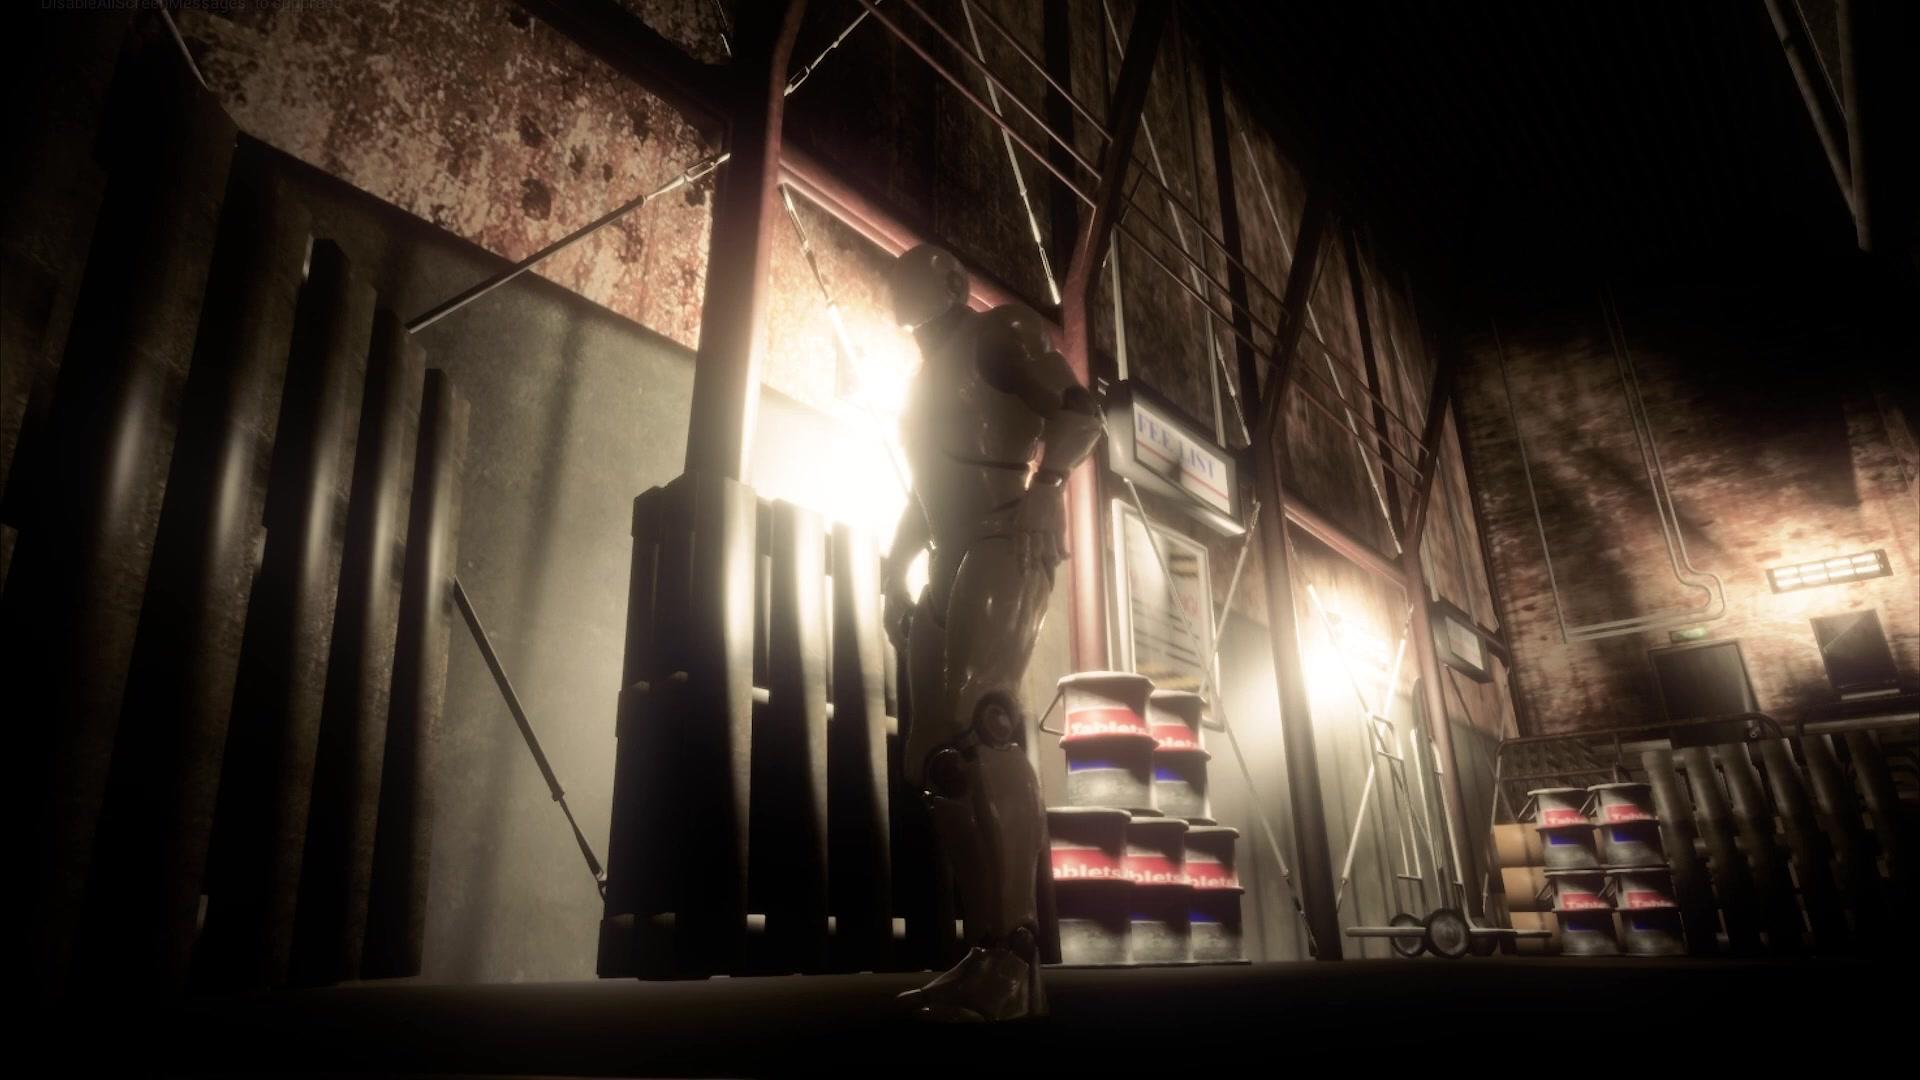 玩家自制《生化危机3:重生》 用虚幻引擎4再现经典场景